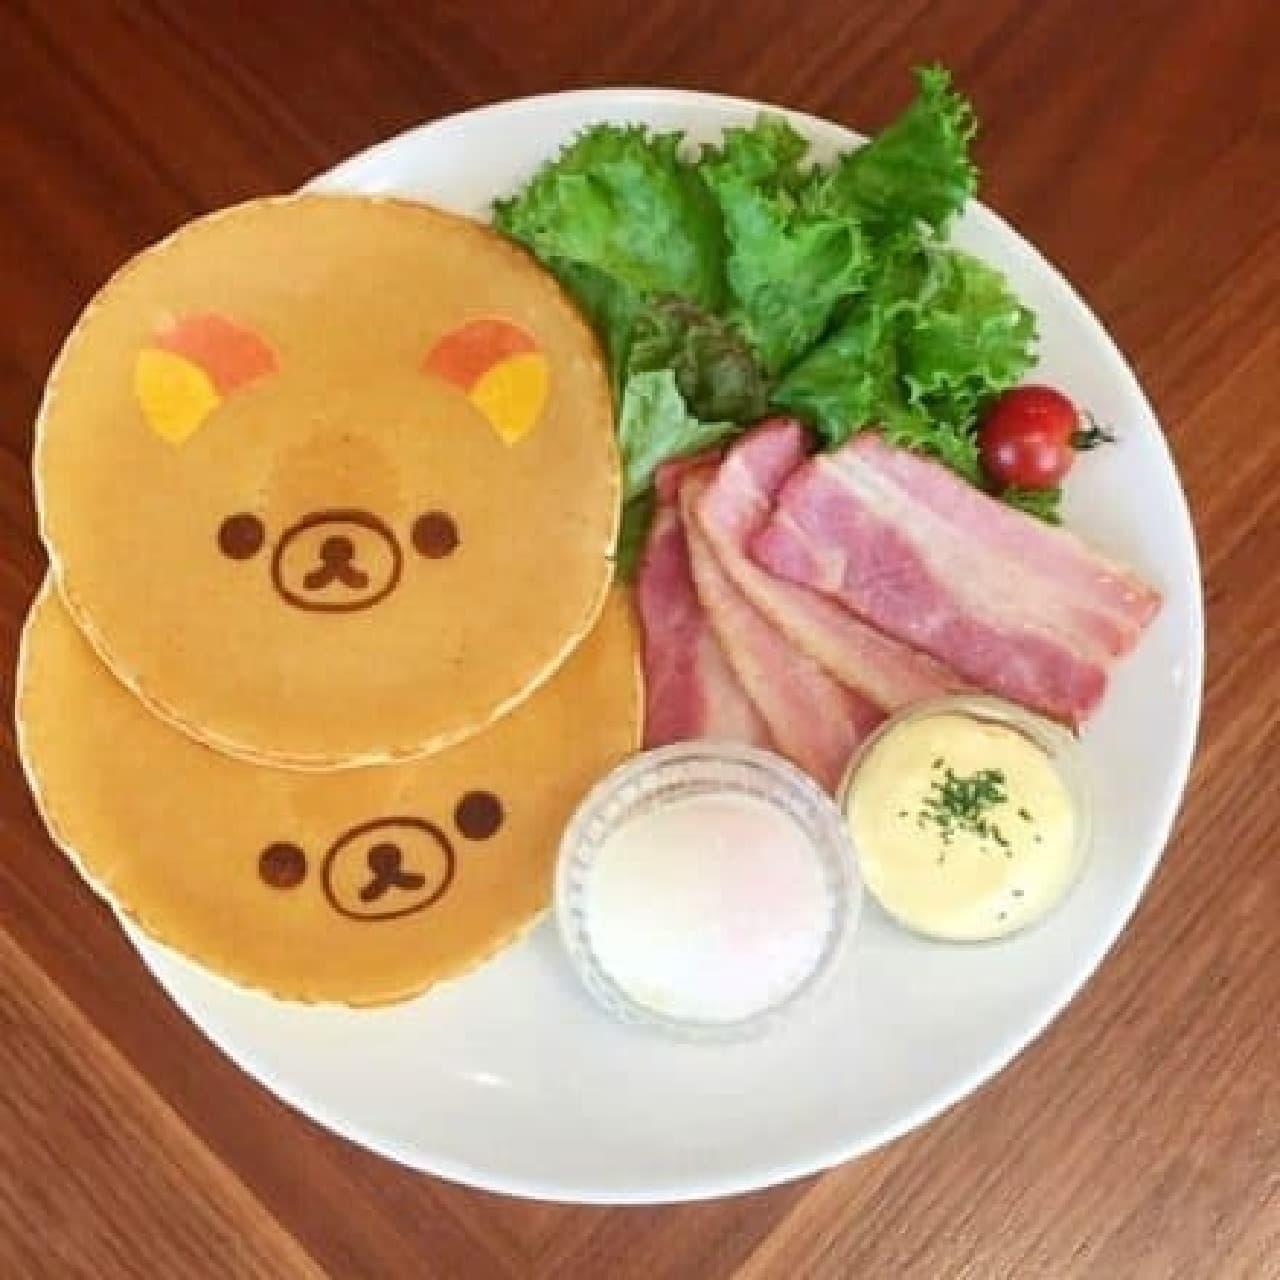 リラックマ×TOWER RECORDSキャンペーン2016、RILAKKUMA×TOWER RECORDS CAFE渋谷店のリラックマパンケーキ